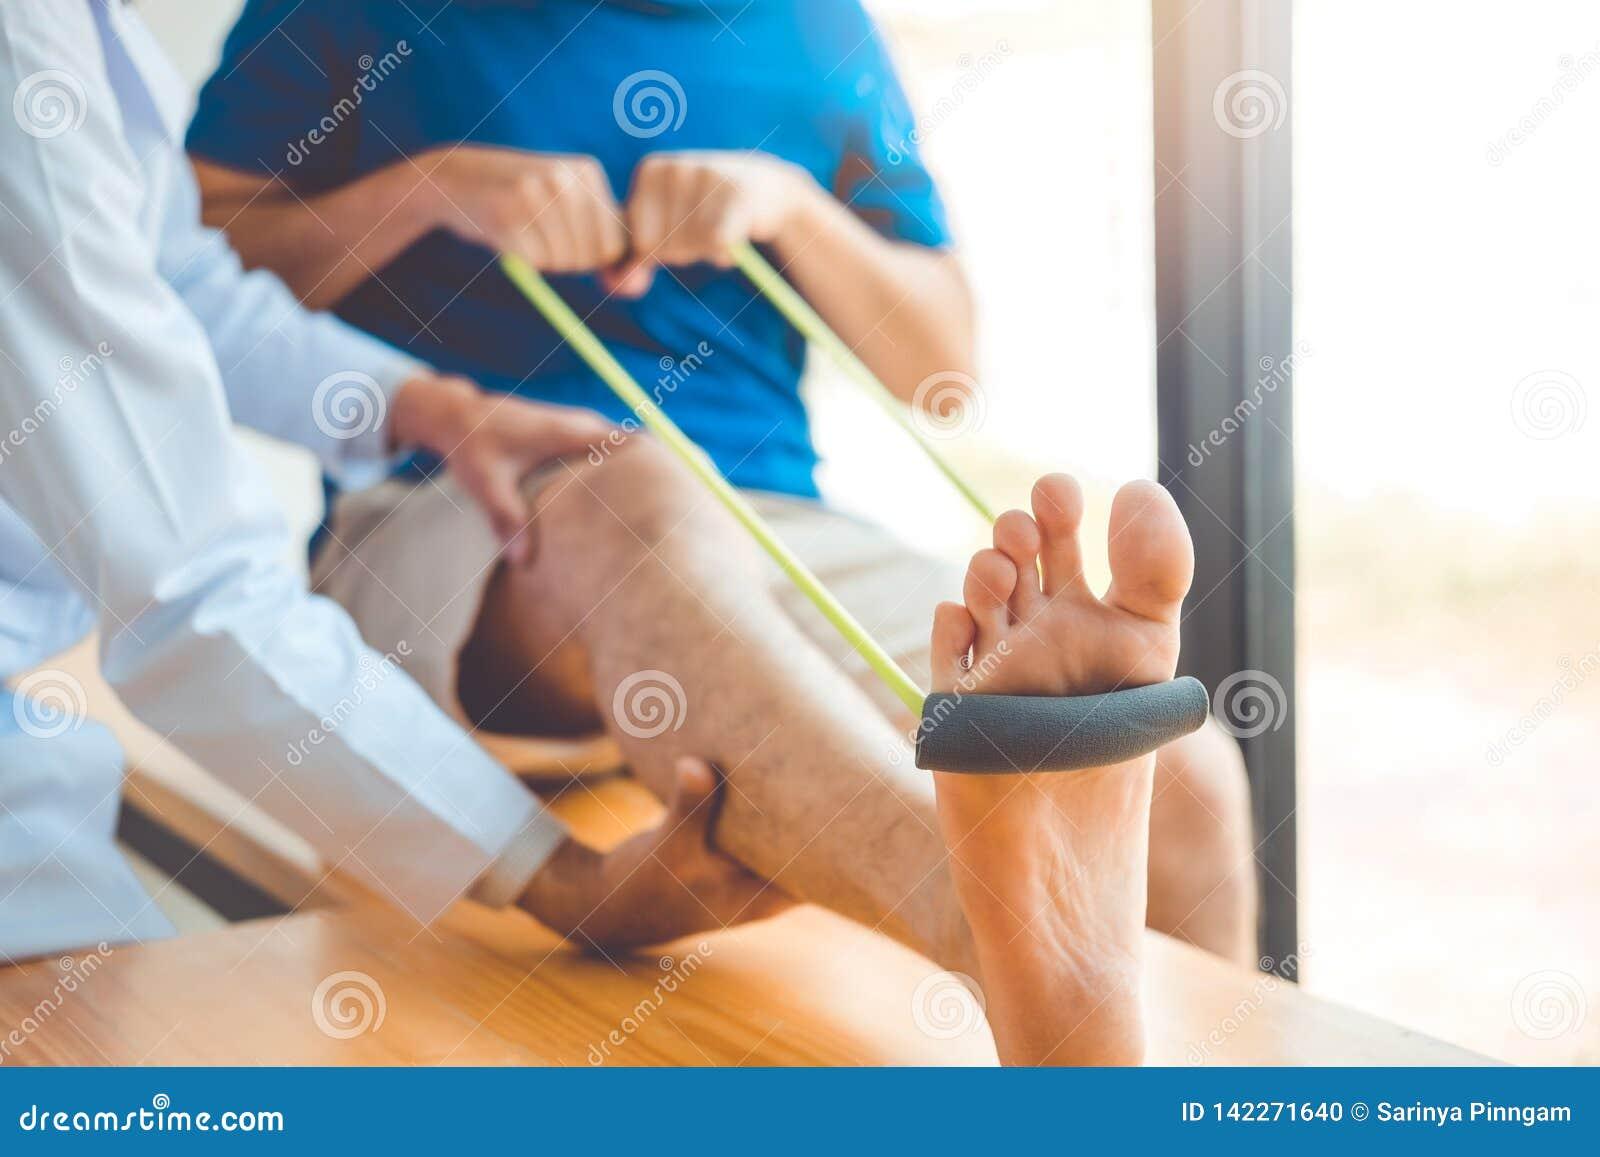 Άτομο φυσιοθεραπευτών που δίνει τη θεραπεία άσκησης ζωνών αντίστασης για το γόνατο της αρσενικής υπομονετικής φυσικής έννοιας θερ